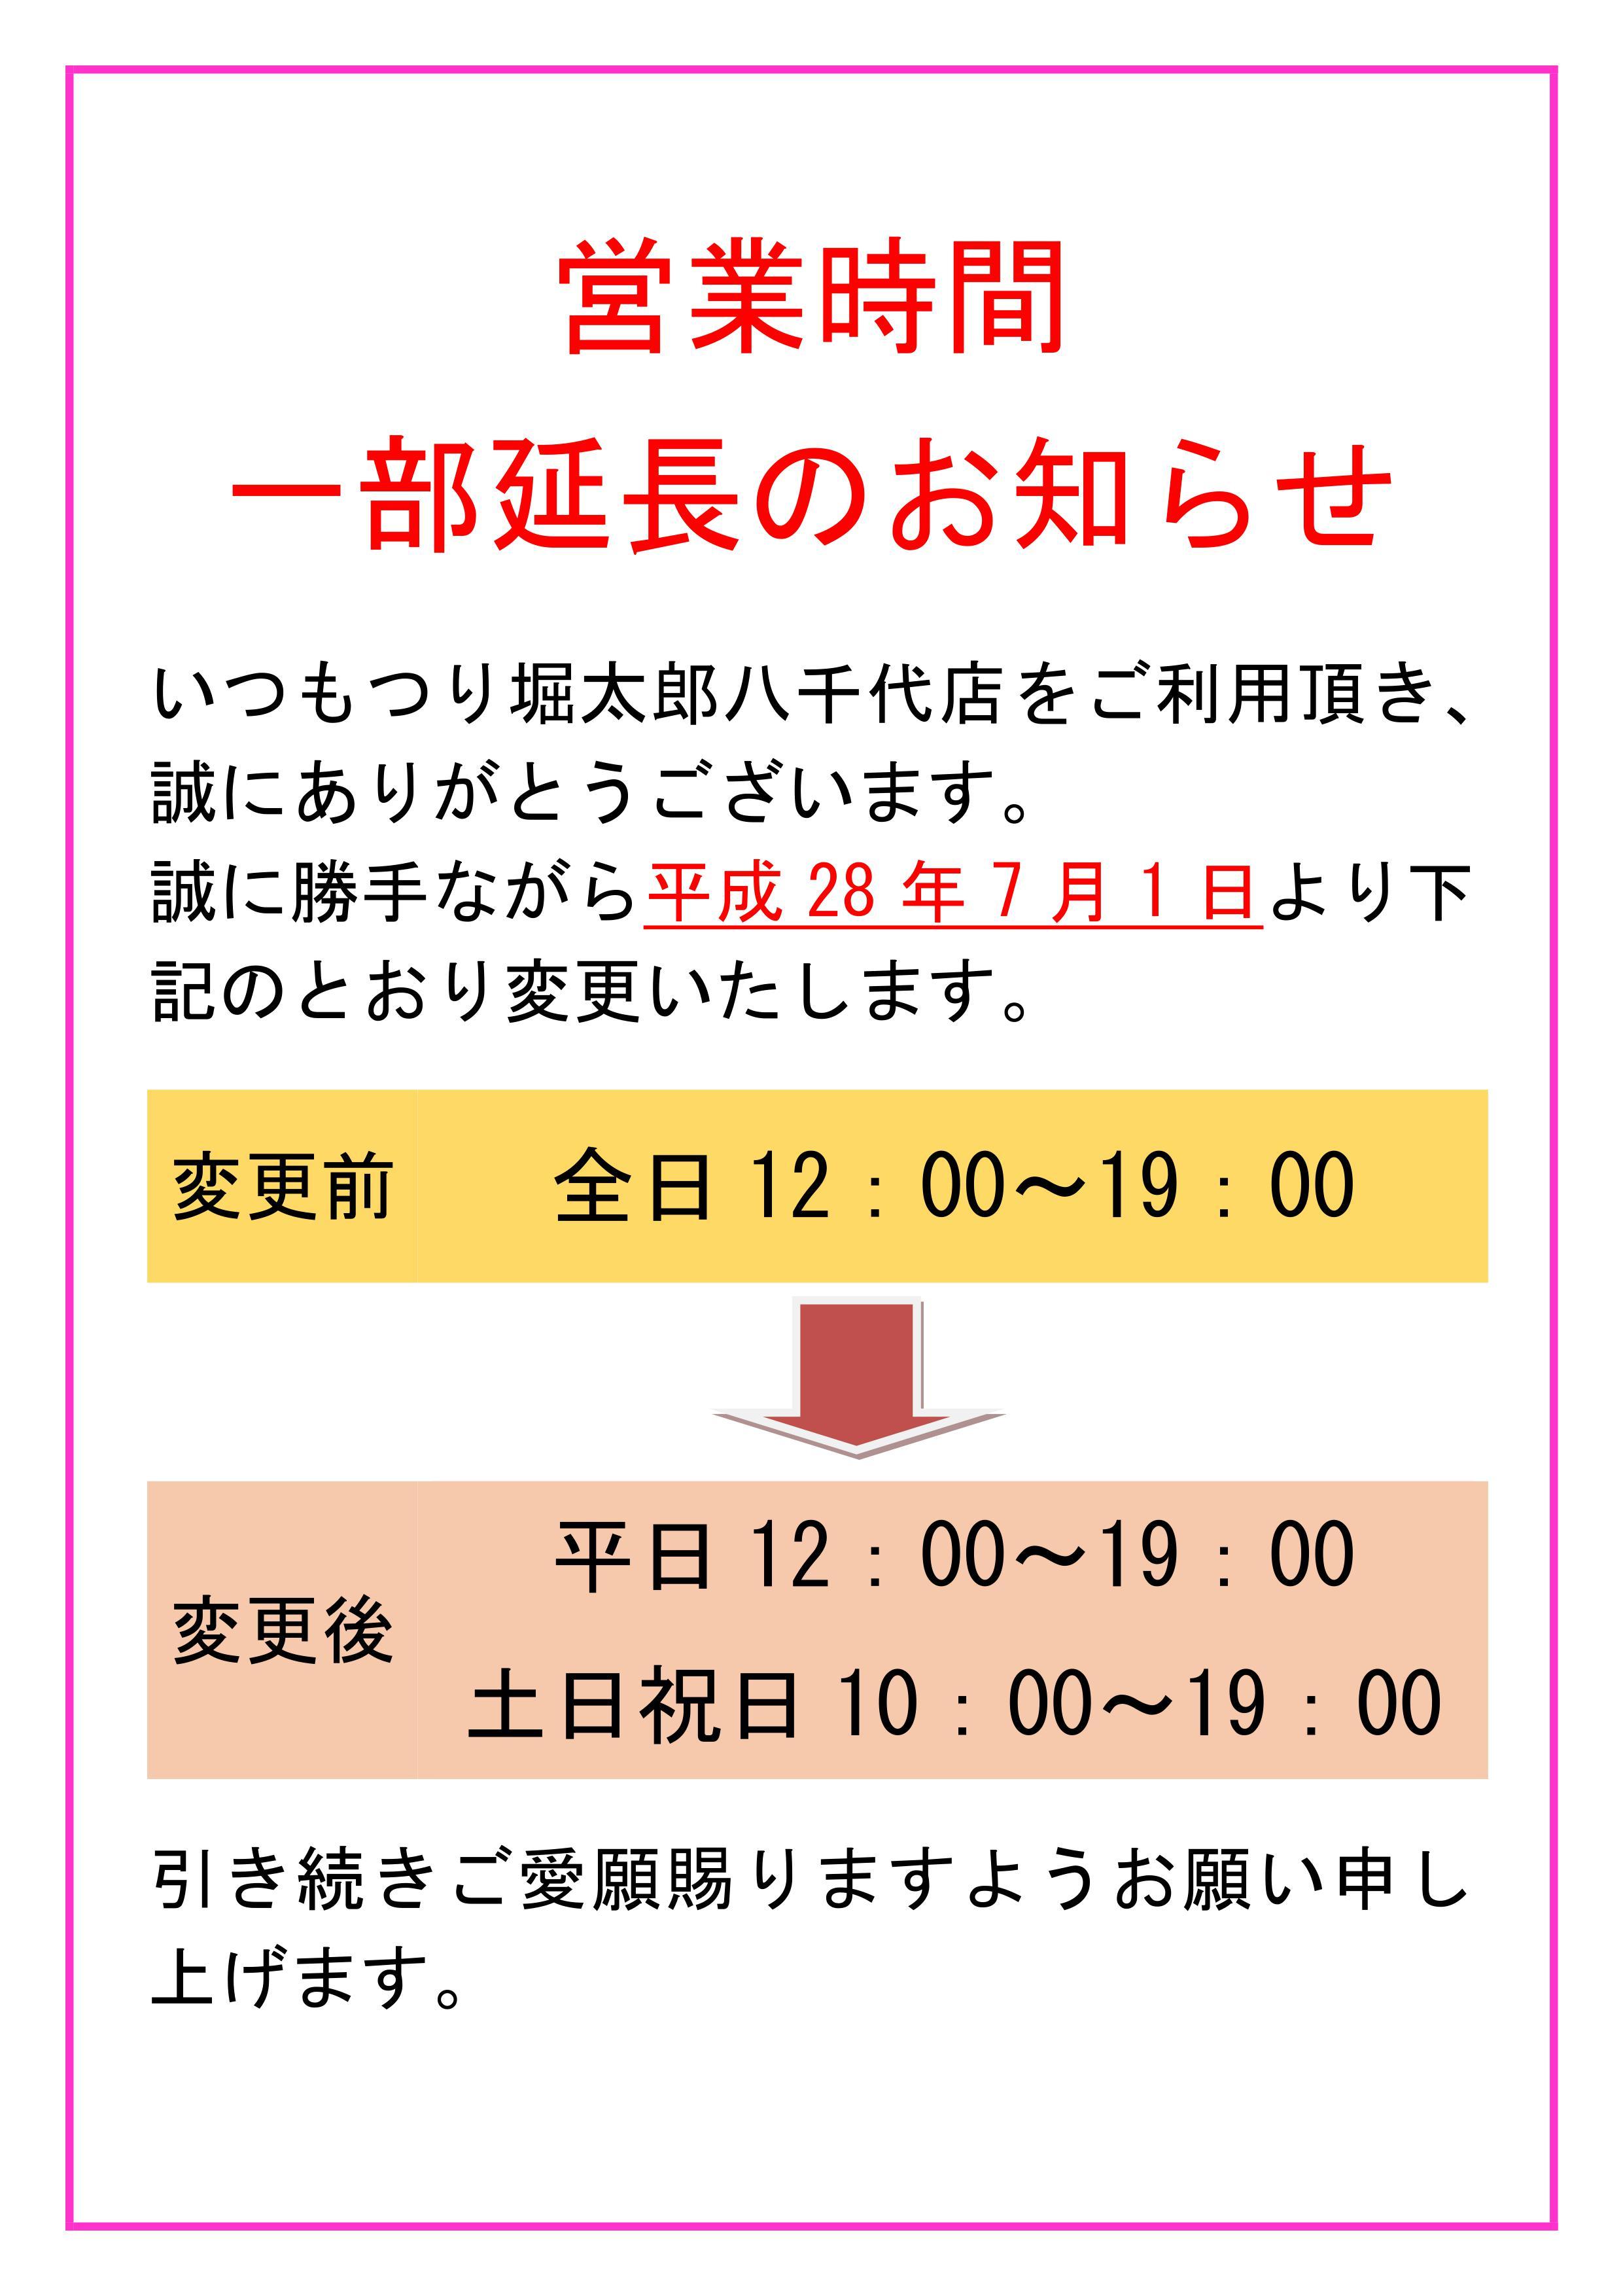 営業時間延長のお知らせ(店頭貼り出し用)_imgs-0001